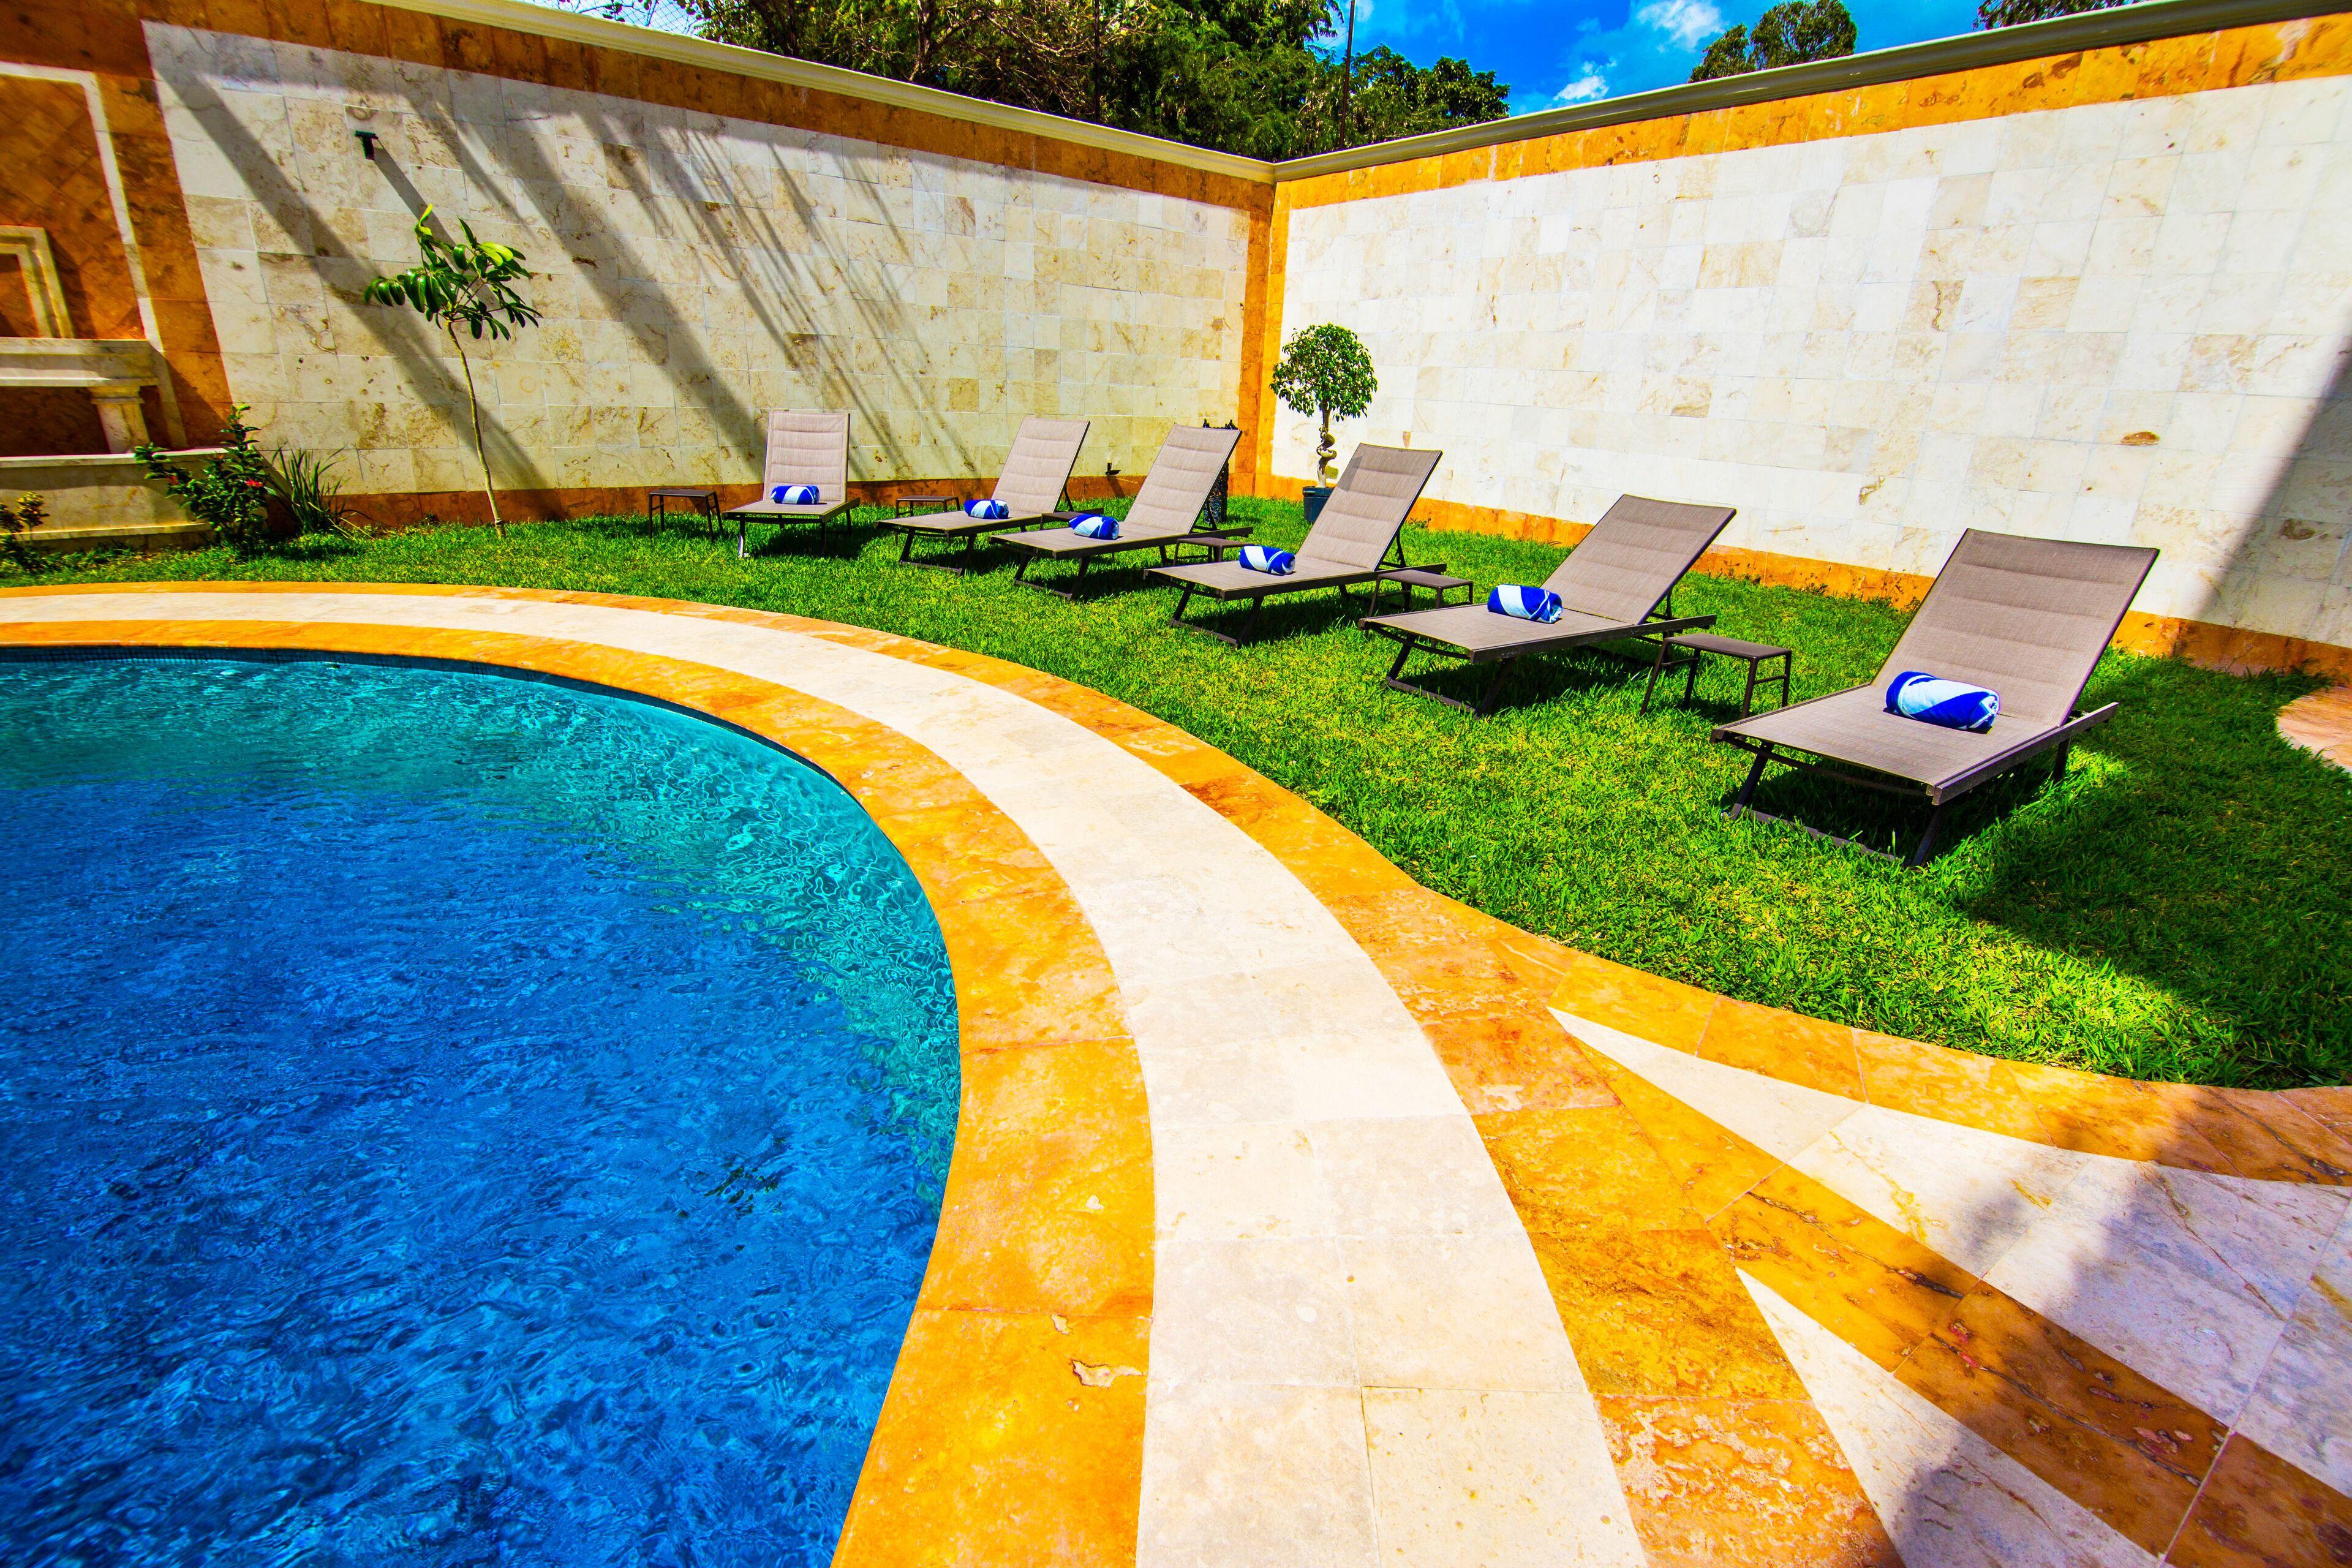 Courtesy of Hotel Palacio Maya / Expedia.com